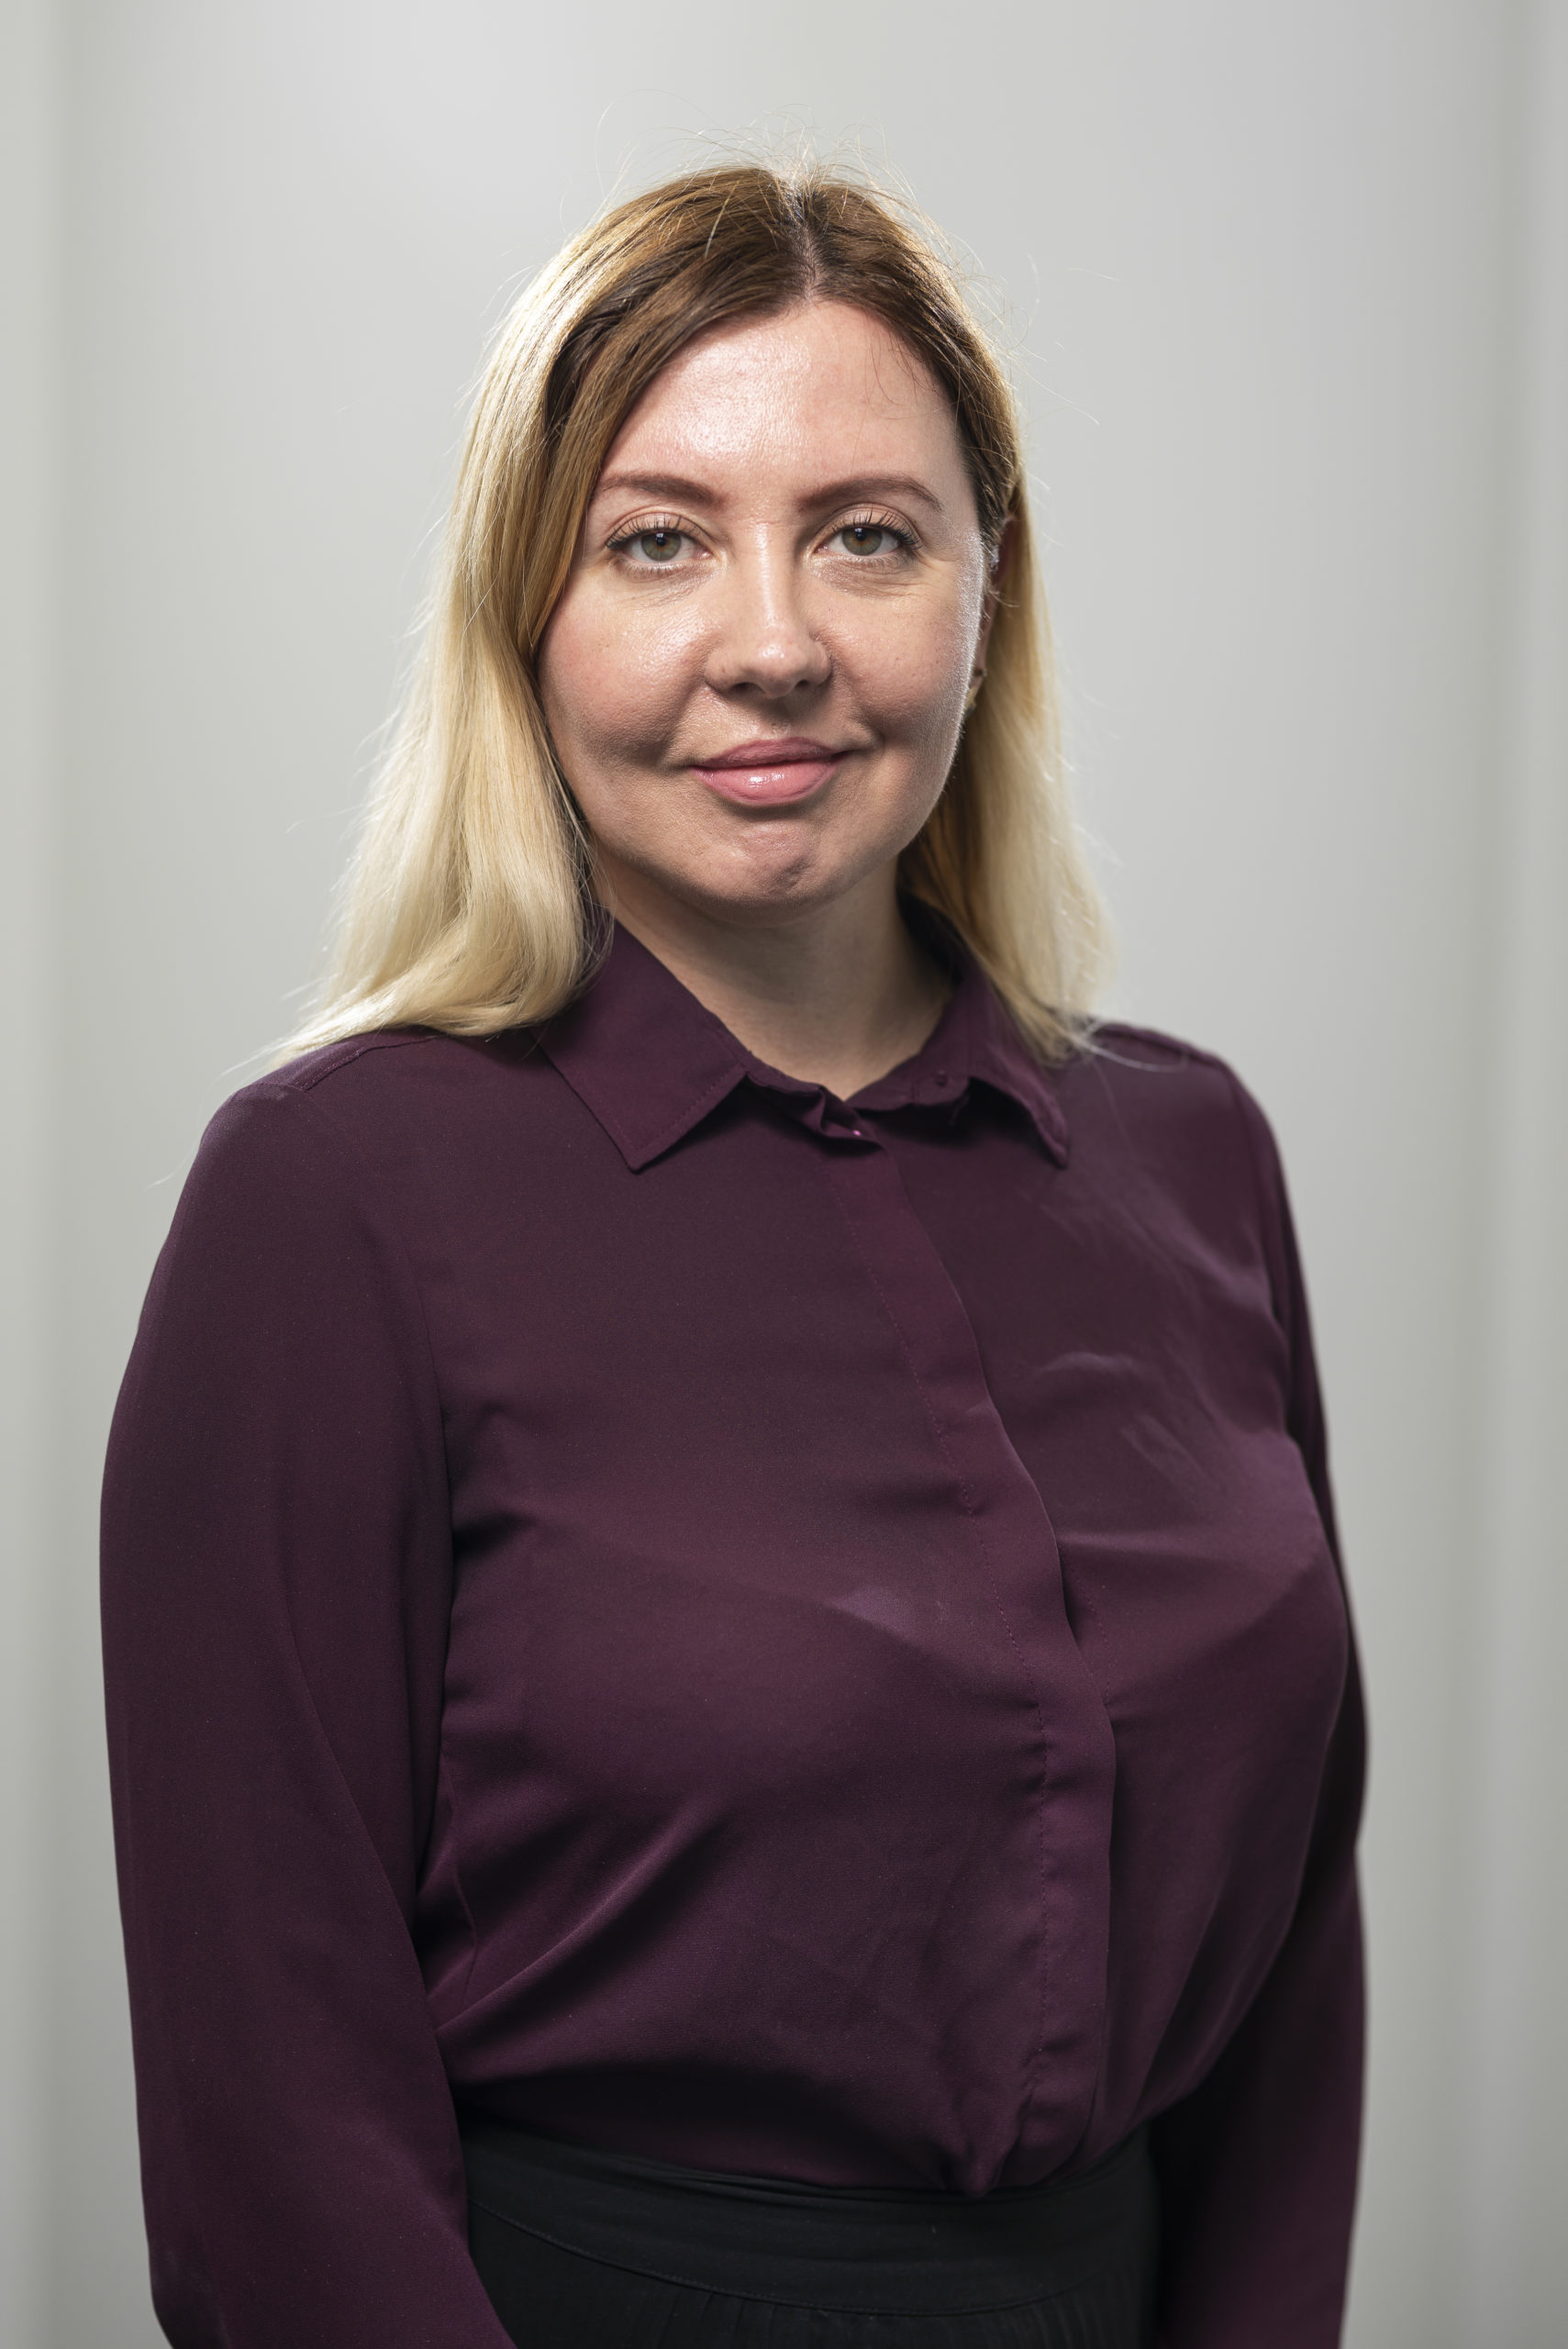 Anna Orekhova